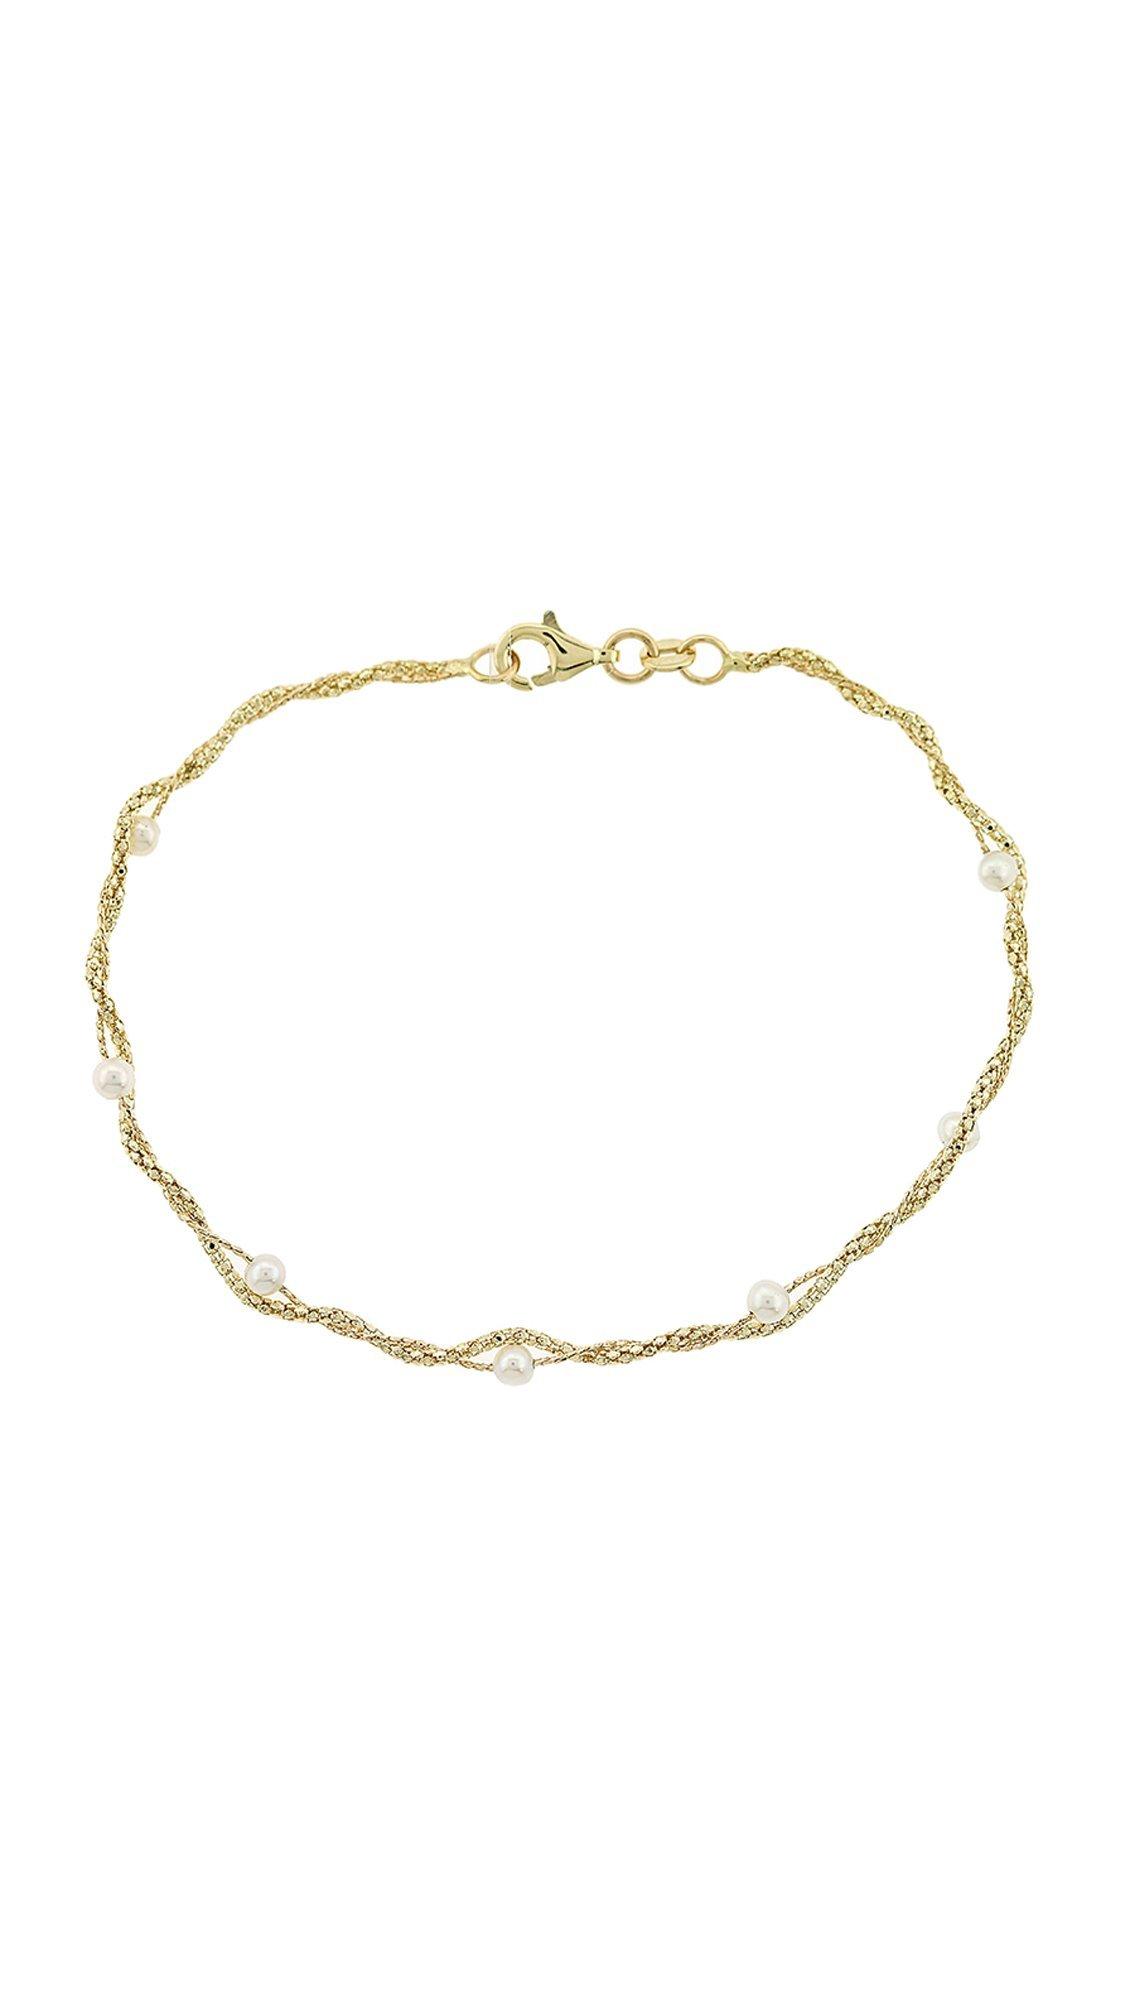 Mertzios.gr Βραχιόλι χρυσό 14 καράτια με μαργαριτάρια - Glami.gr c9b882542a4